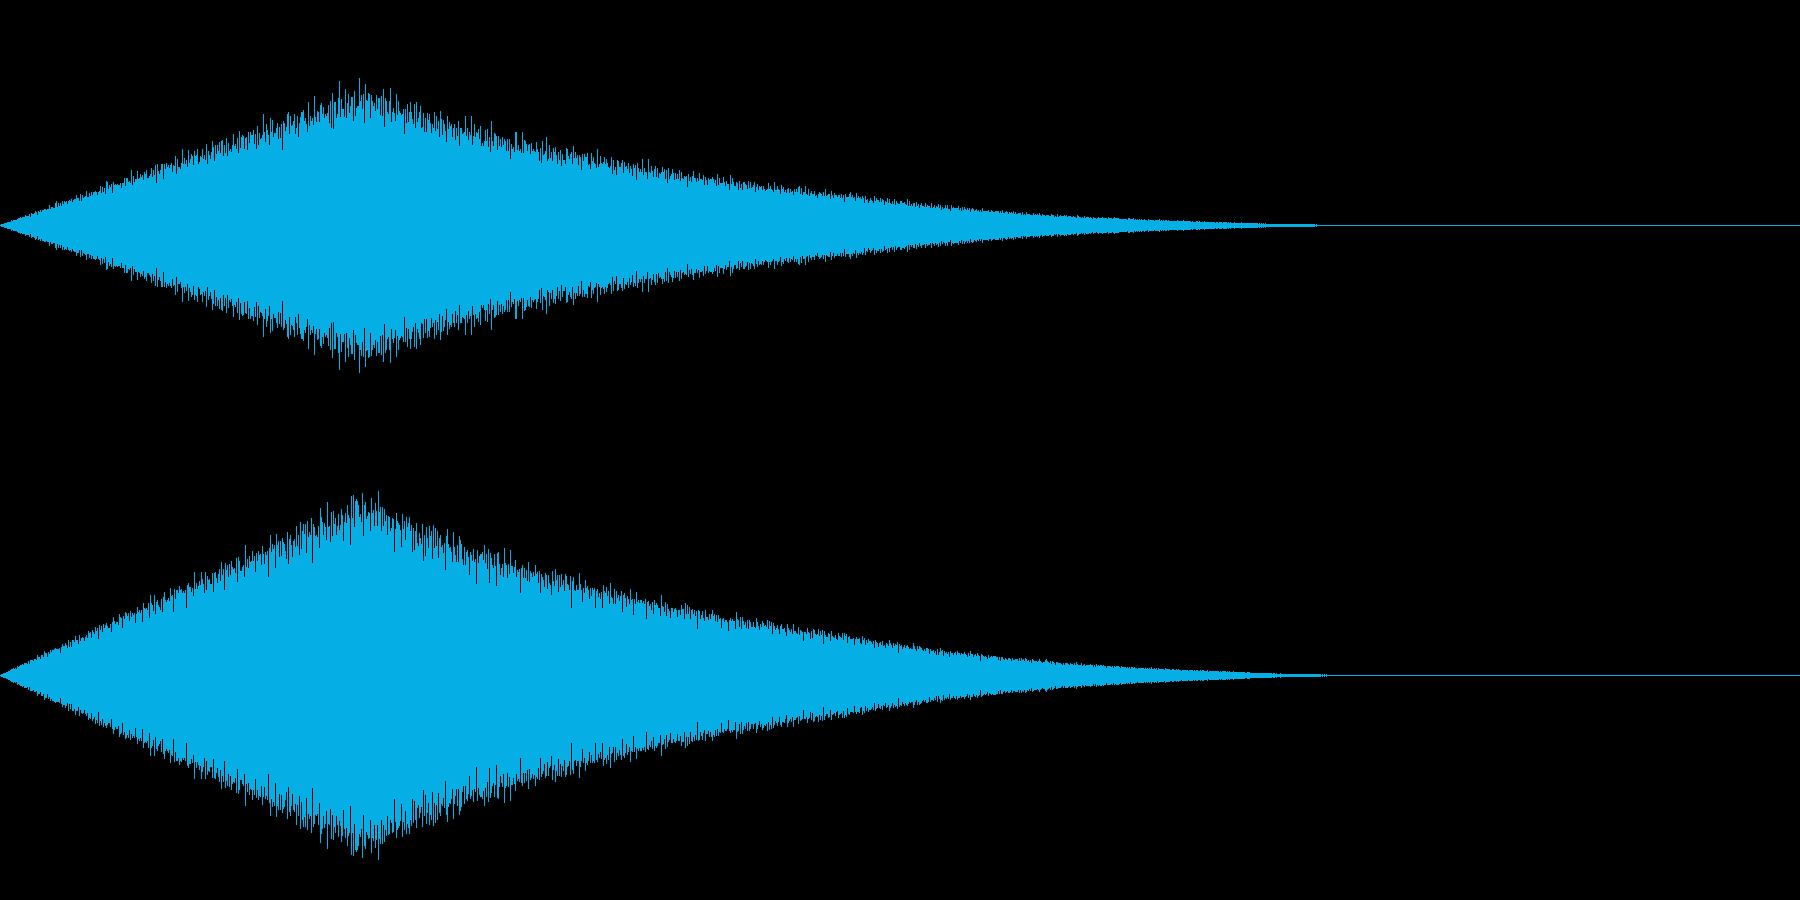 耳鳴り/嫌な気配を感じた時の効果音の再生済みの波形